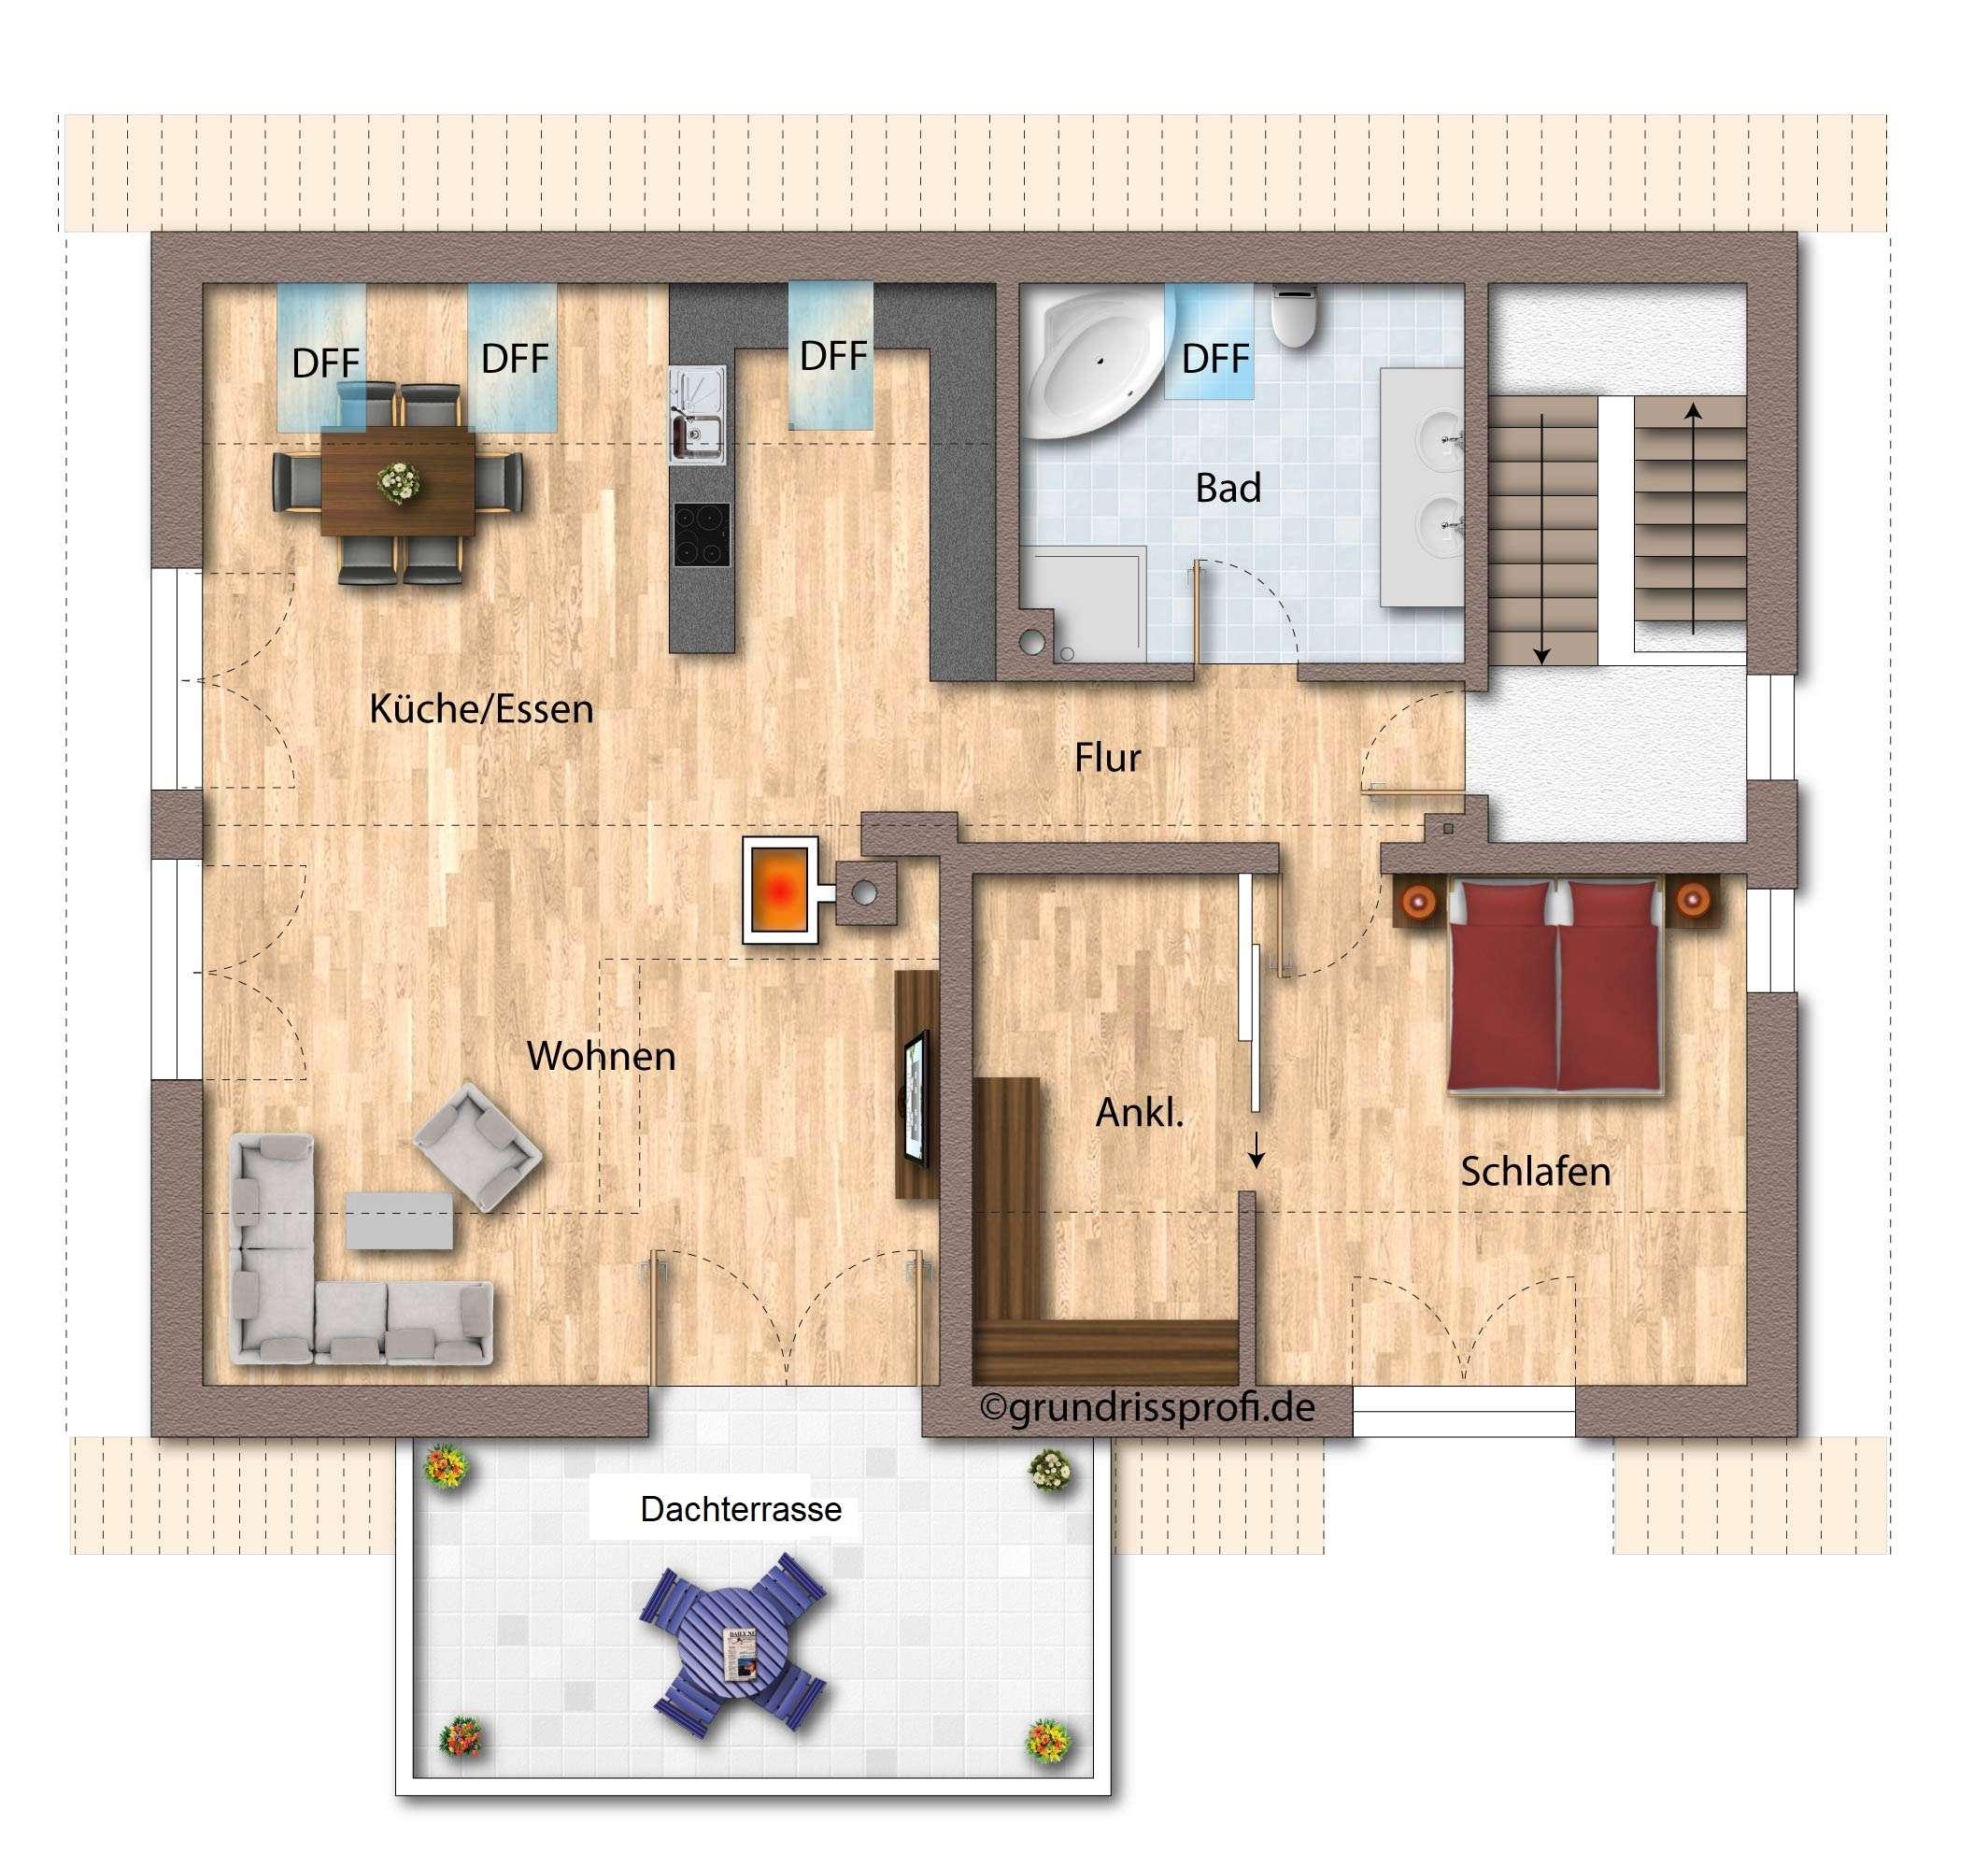 Extravagante große 2-Zimmer Studiowohnung mit toller Aussicht